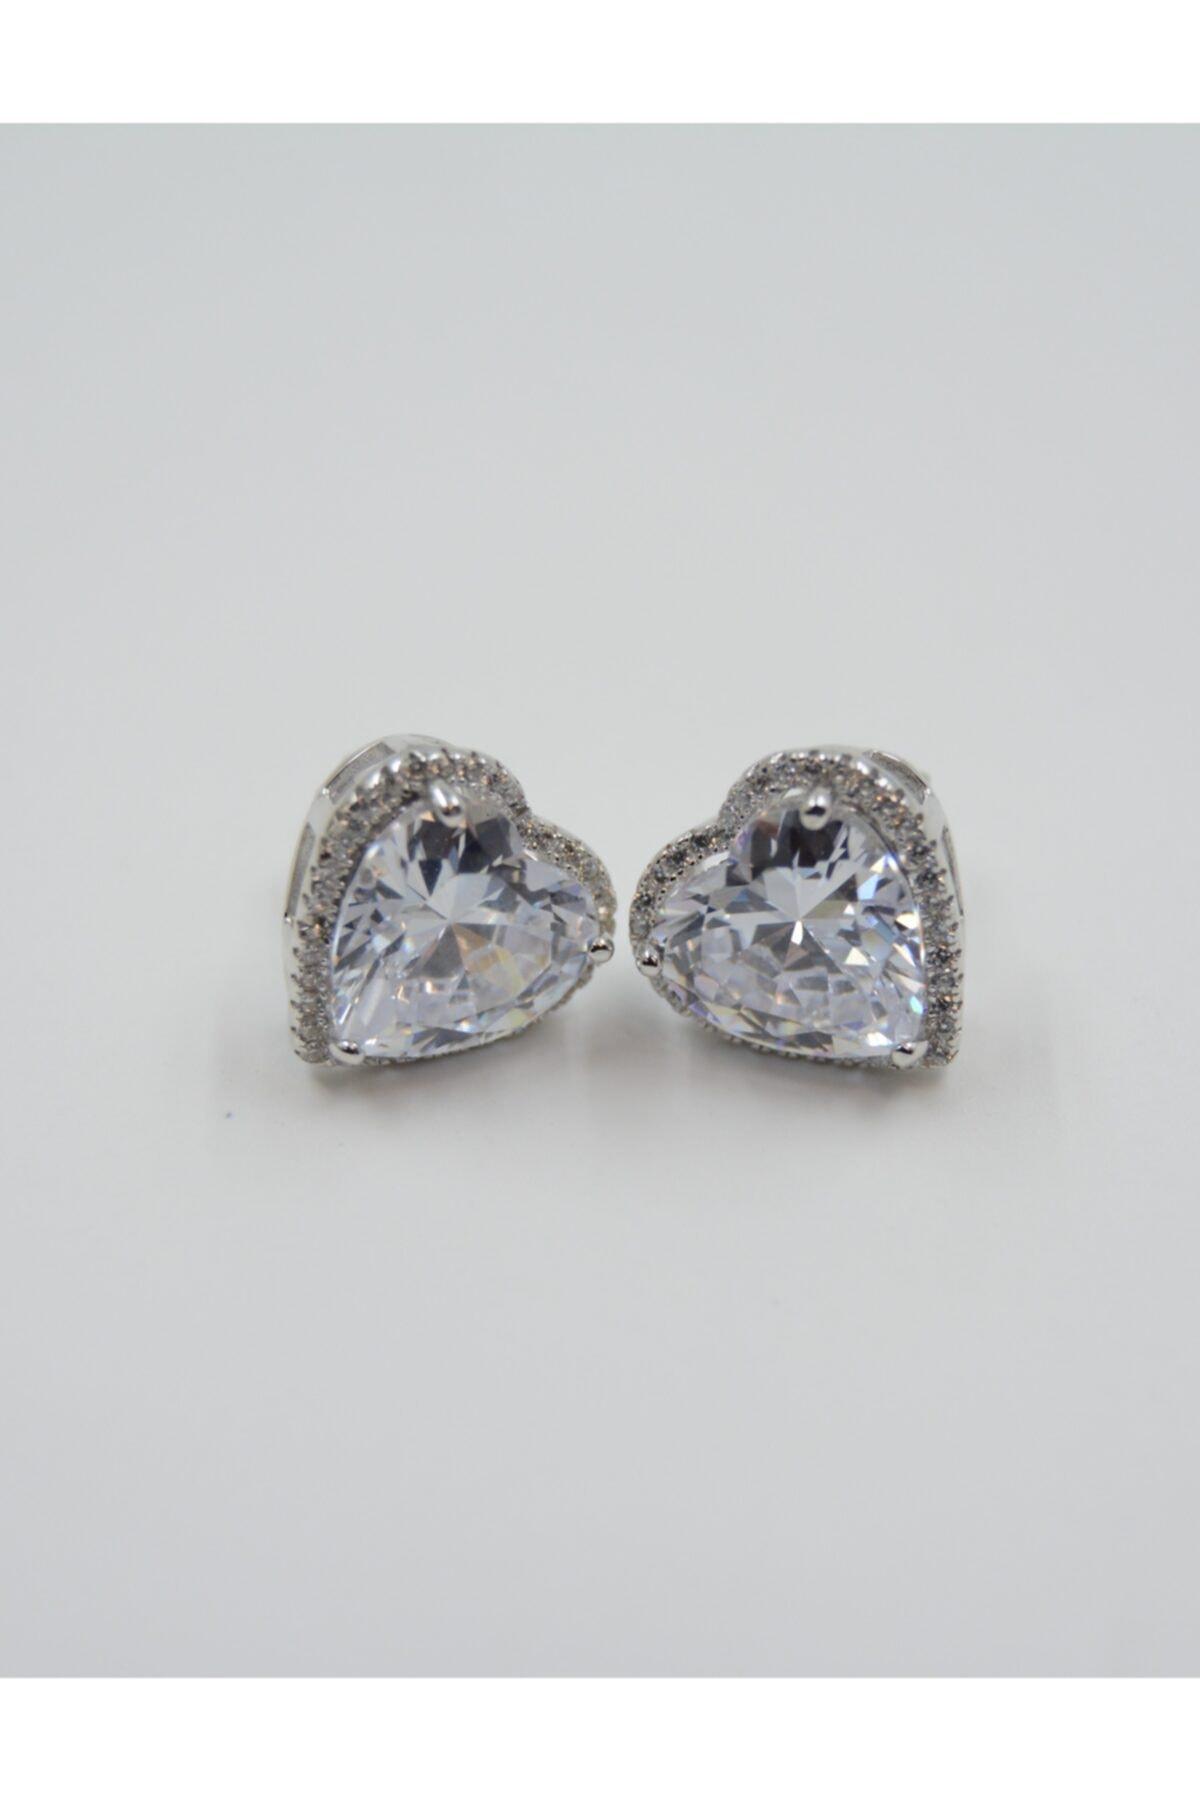 Swaroski Kalp Desenli Beyaz Zirkon Taşlı 925 Ayar Gümüş Kadın Küpe 1